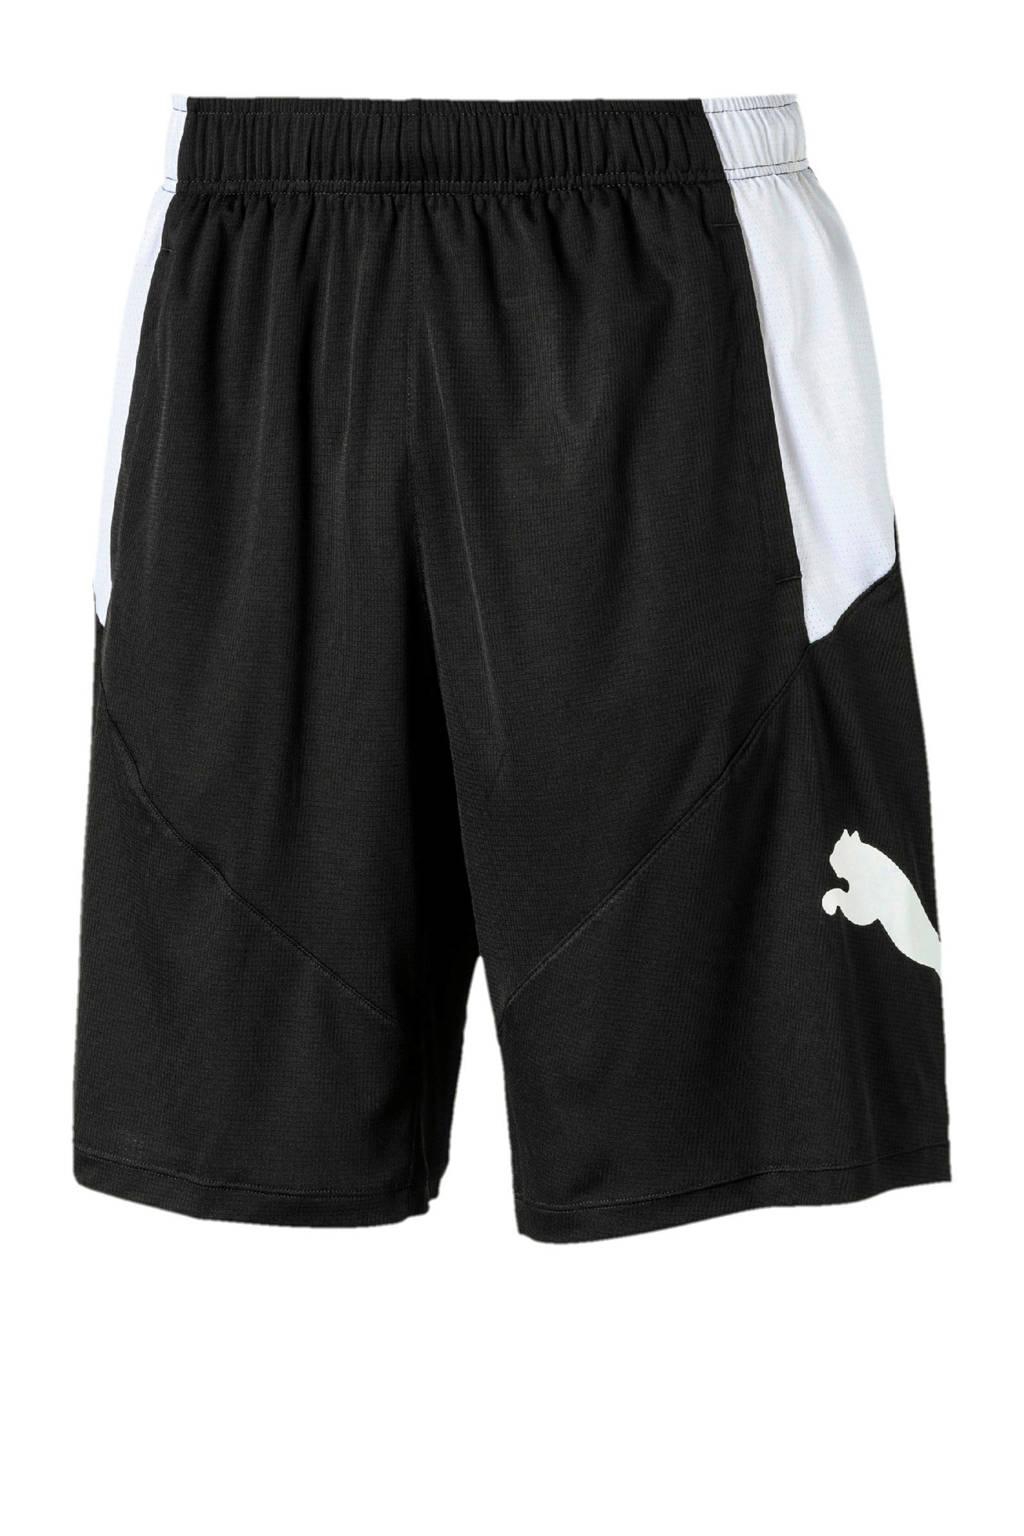 Puma   sportshort zwart/wit, Zwart/wit